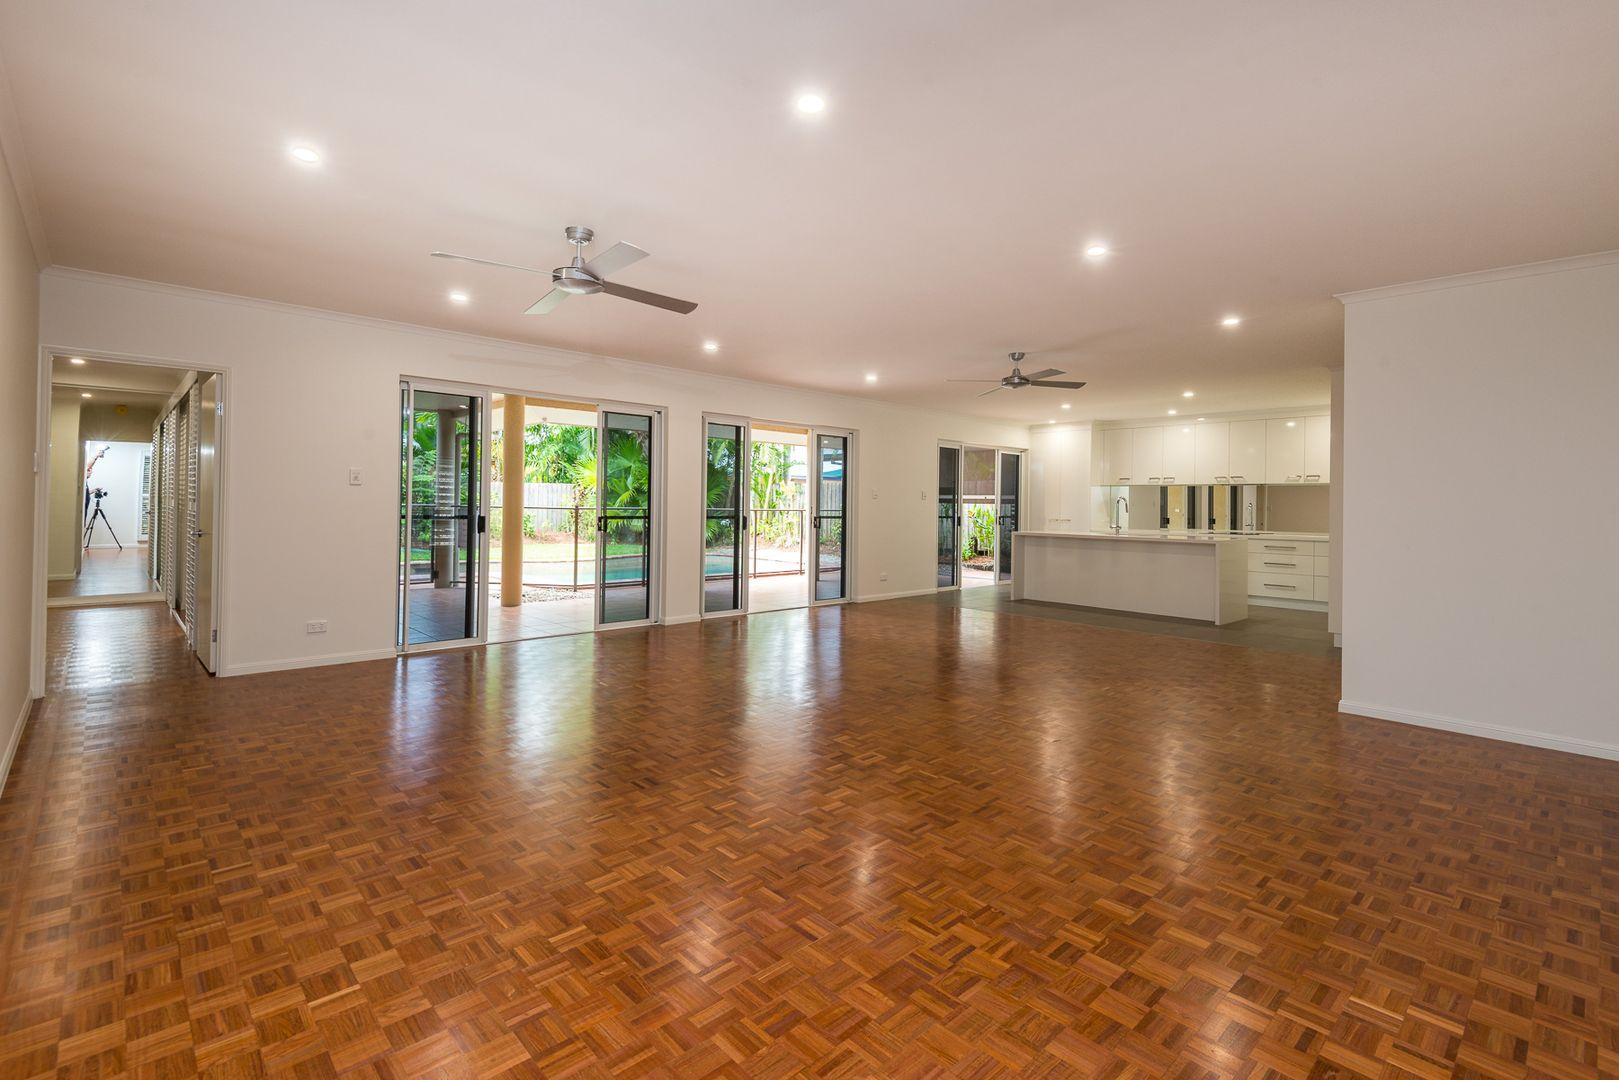 14 Thais Street, Palm Cove QLD 4879, Image 1